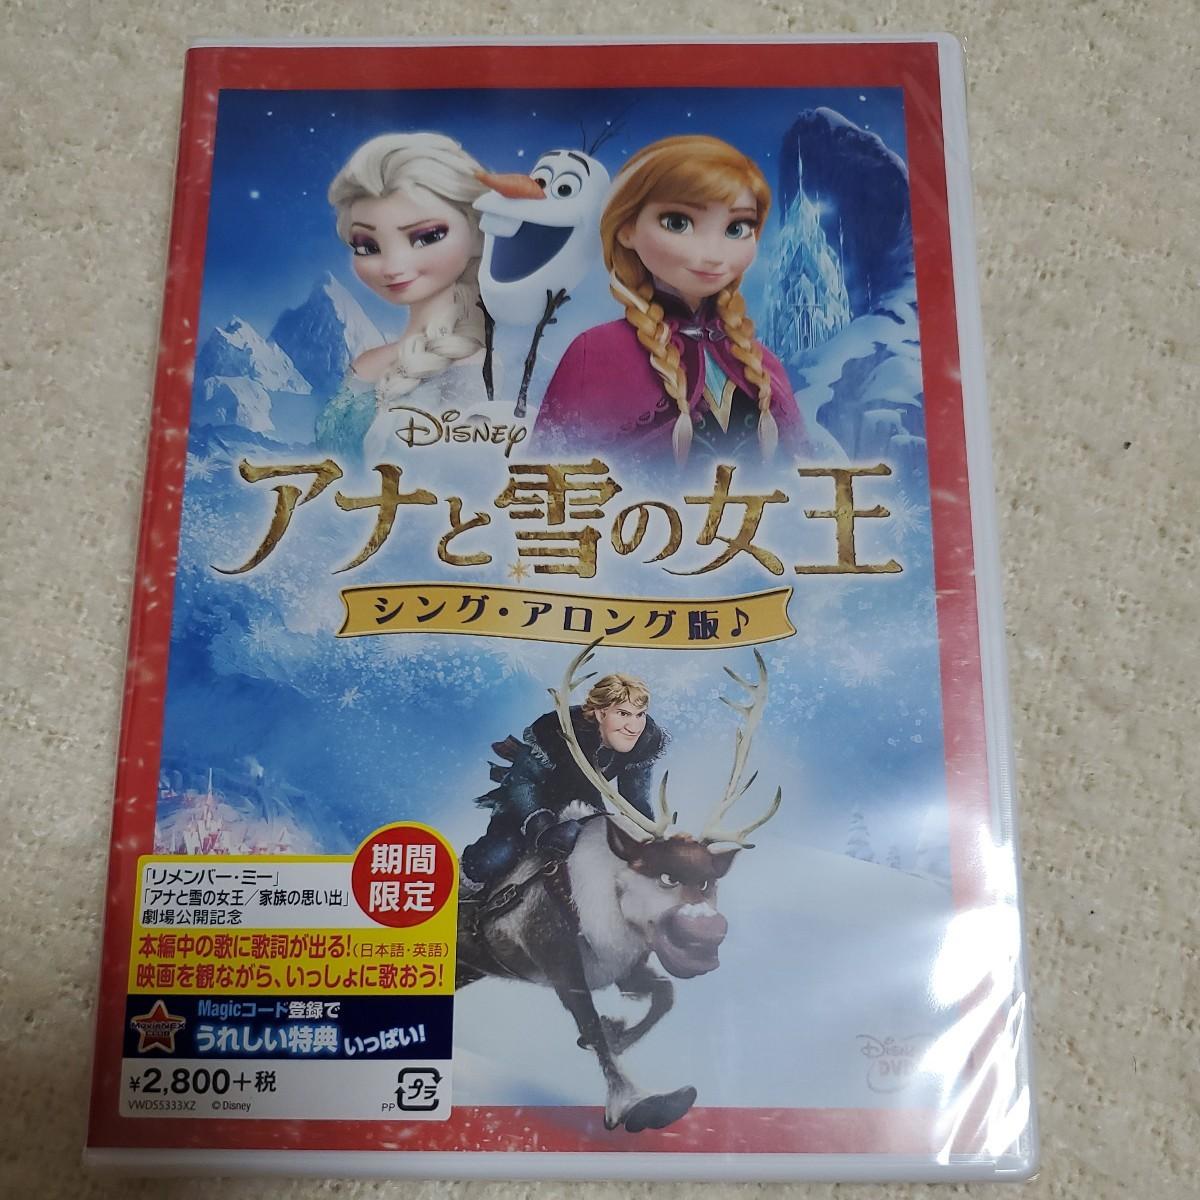 アナと雪の女王「シング アロング版」(期間限定) DVD